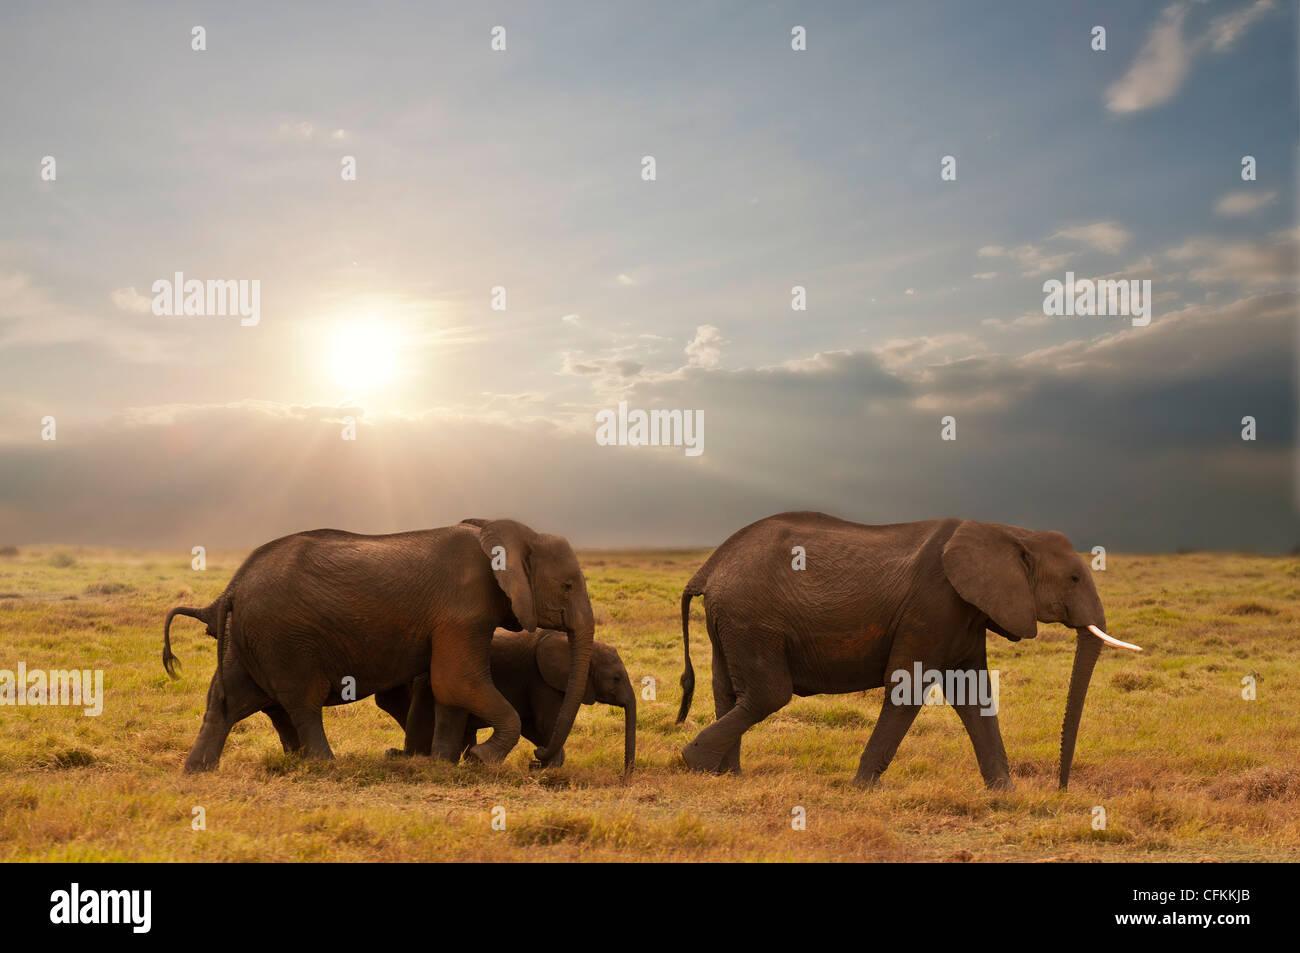 elephant family in amboseli national park, kenya - Stock Image